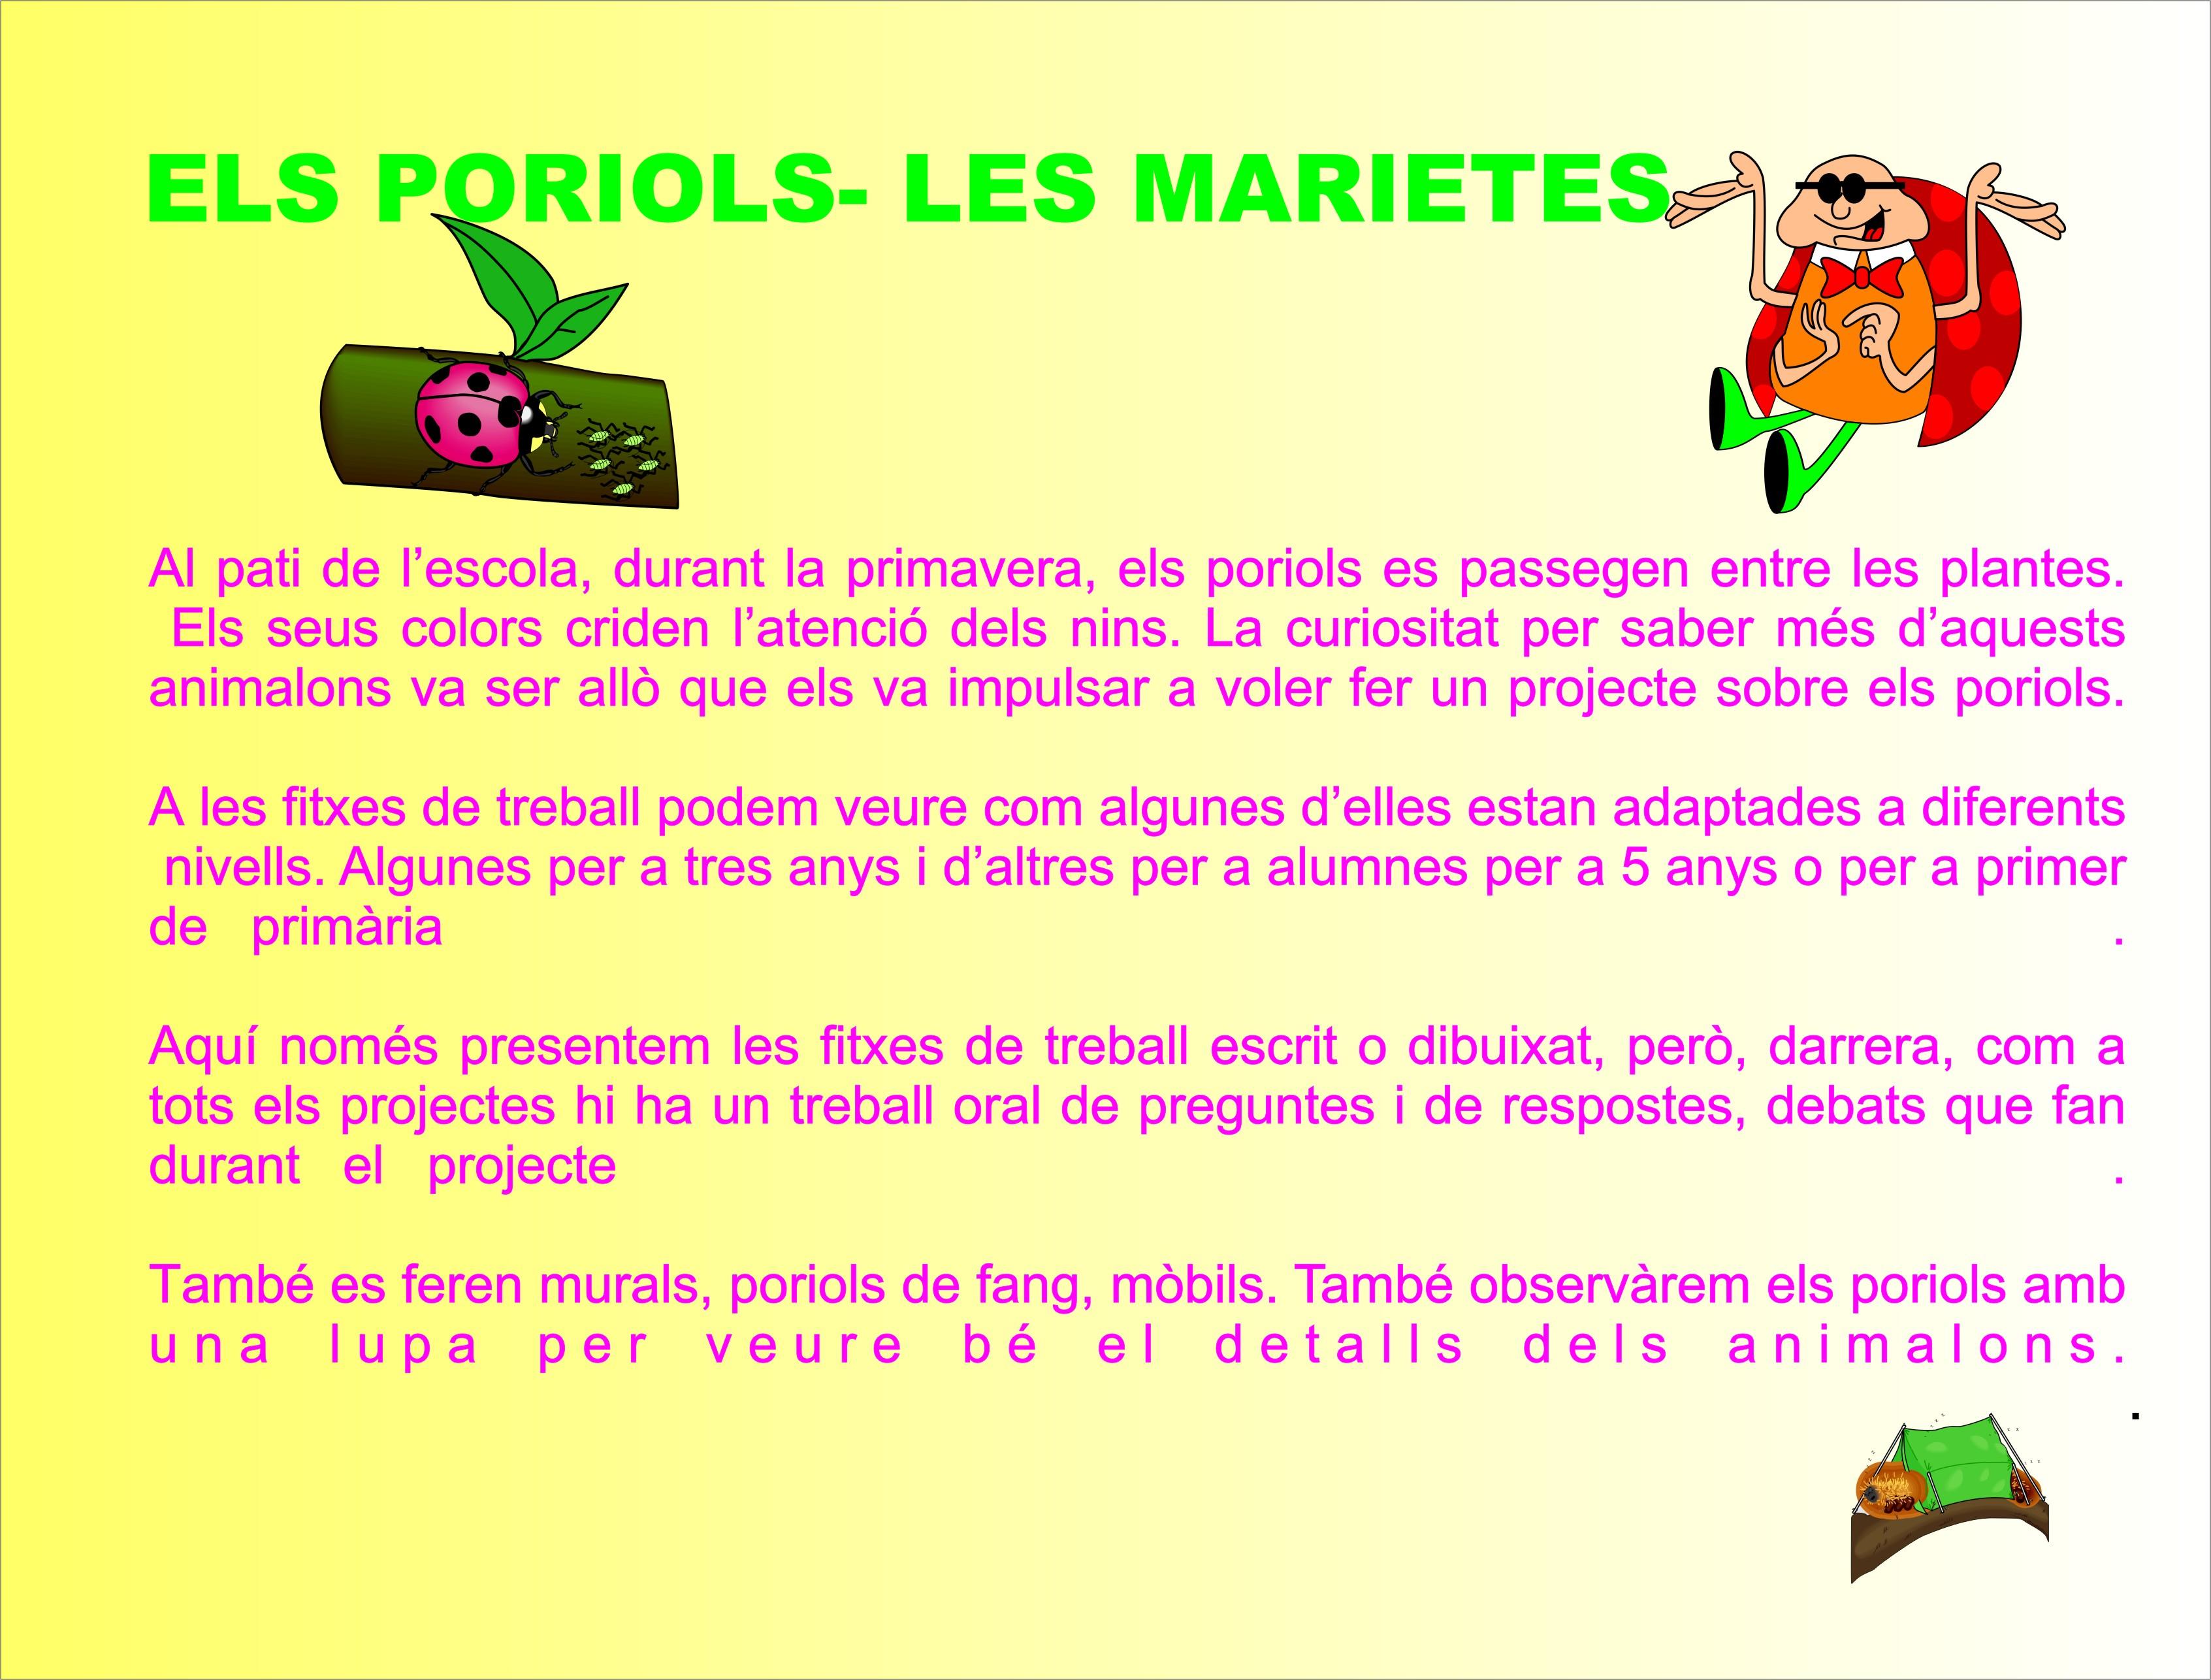 ELS PORIOLS-LES MARIETES